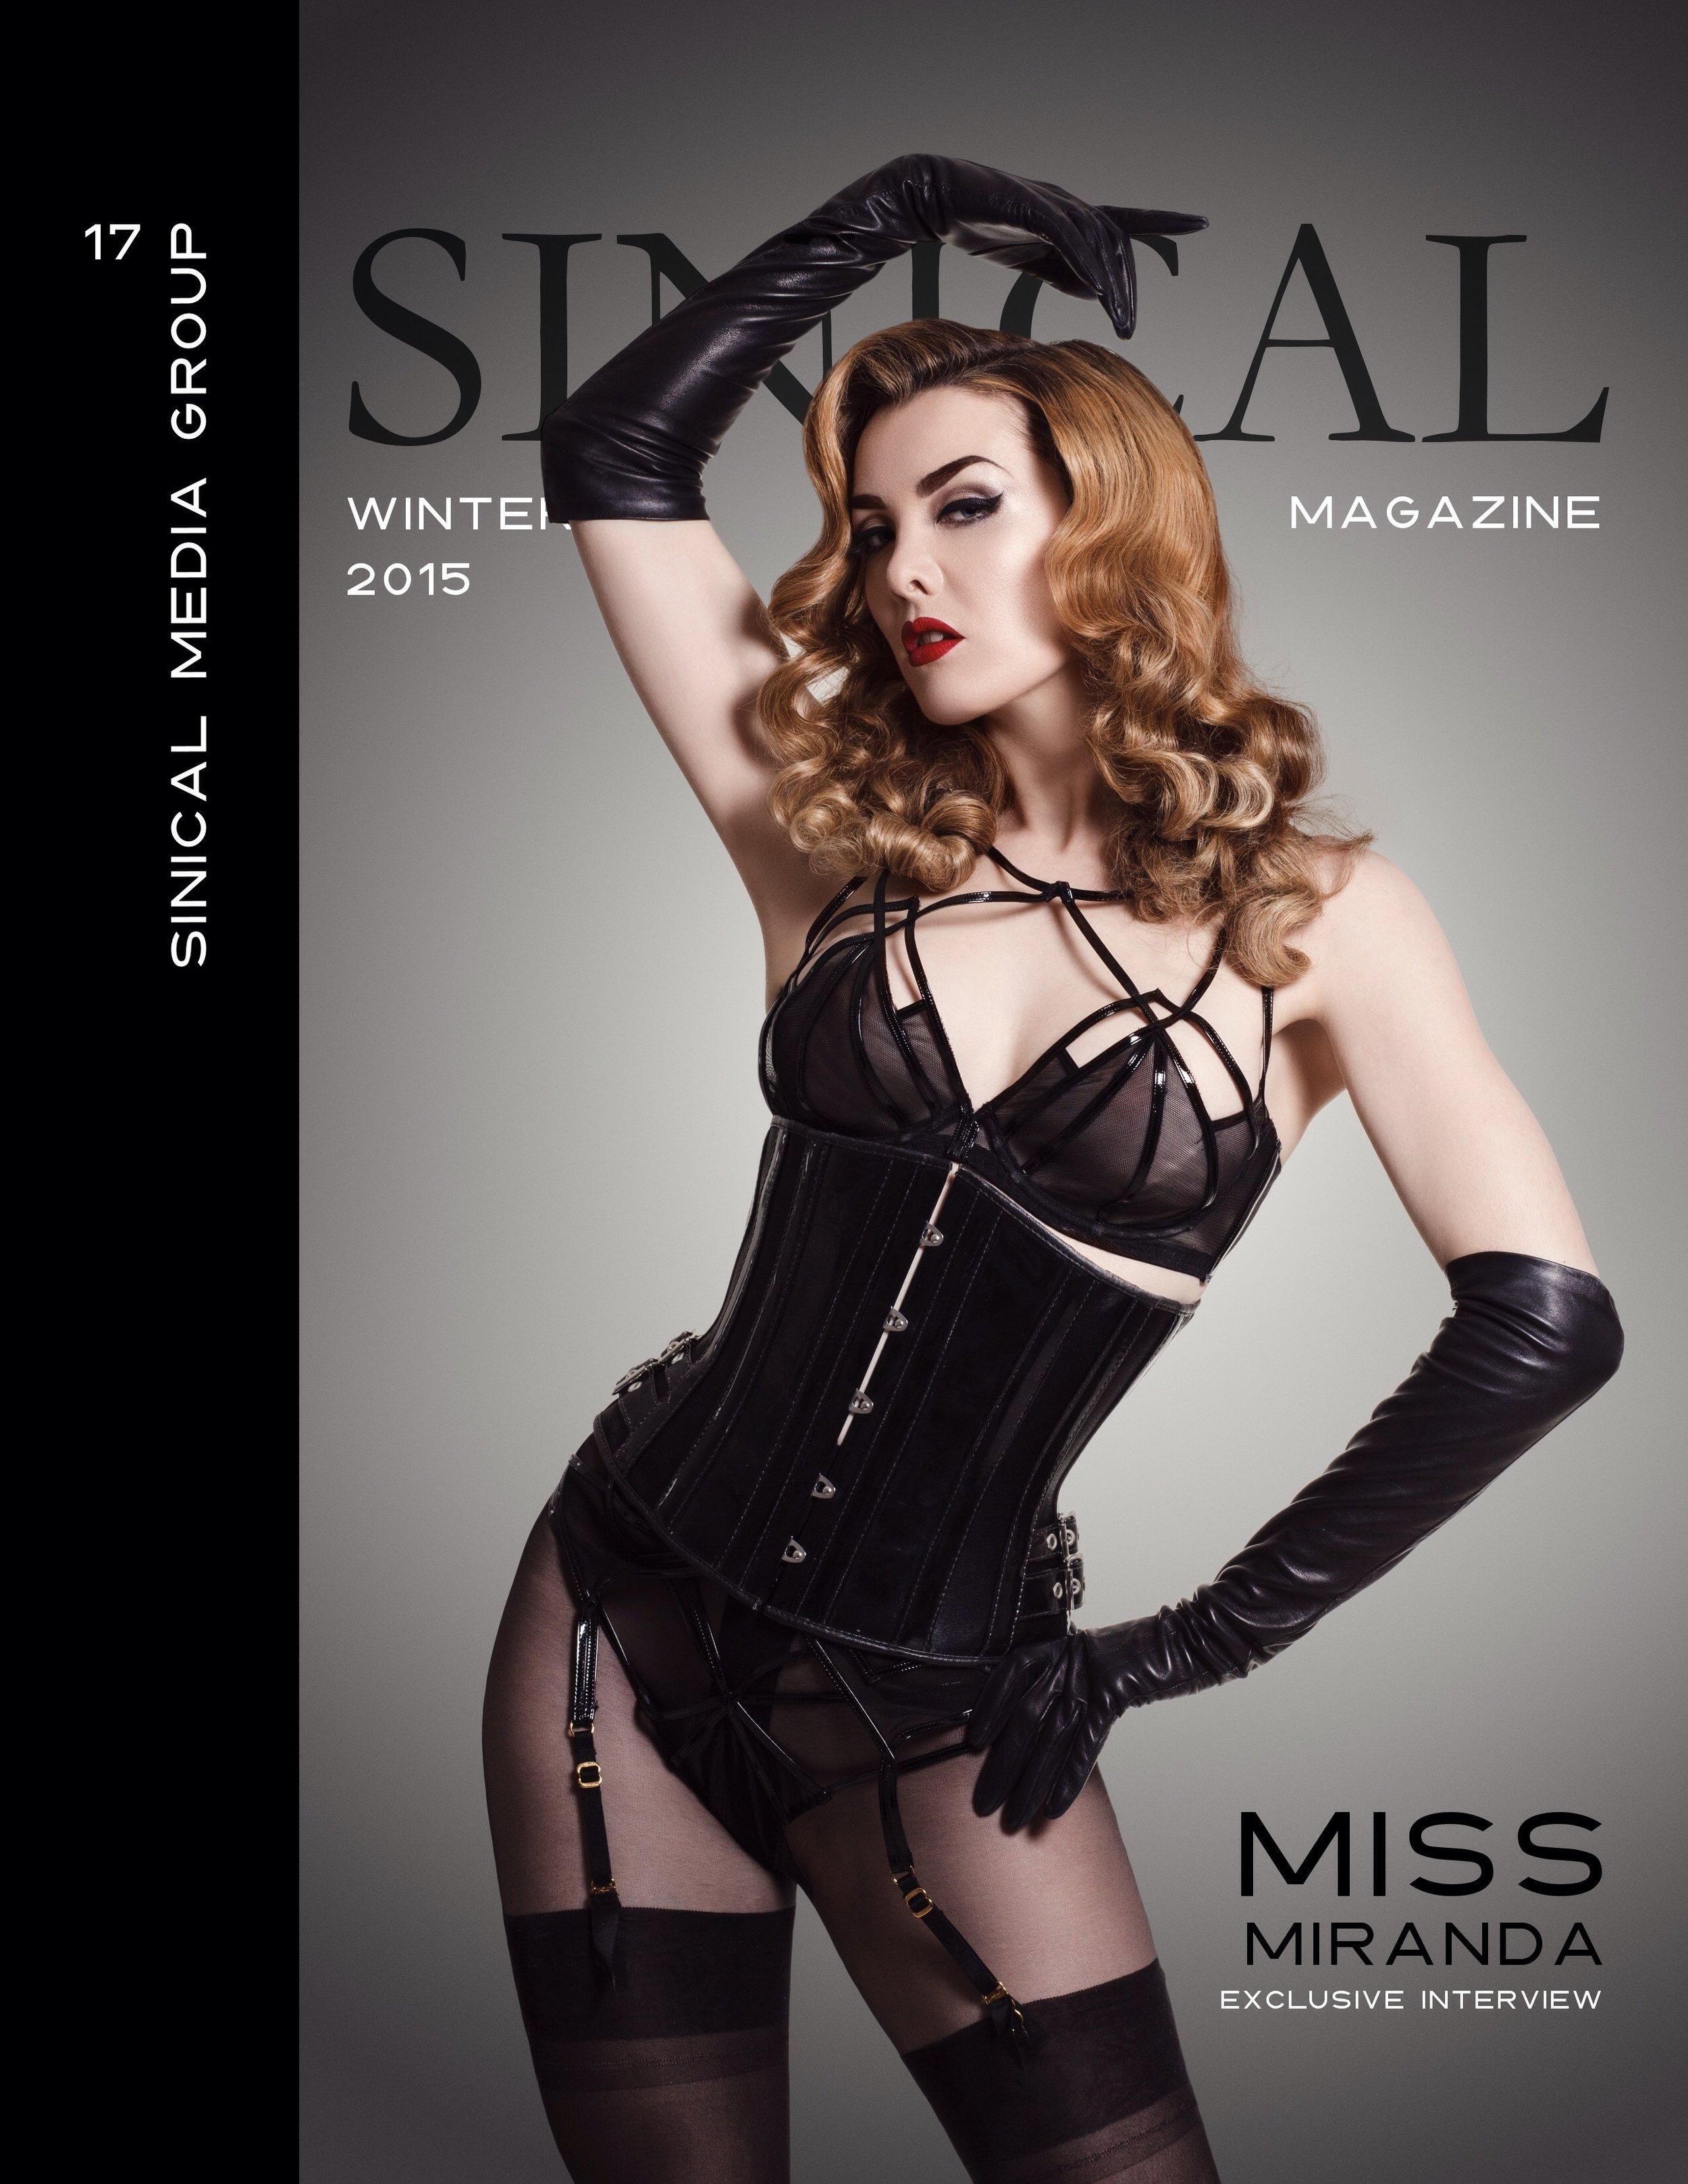 Sinical Cover December 2014.JPG